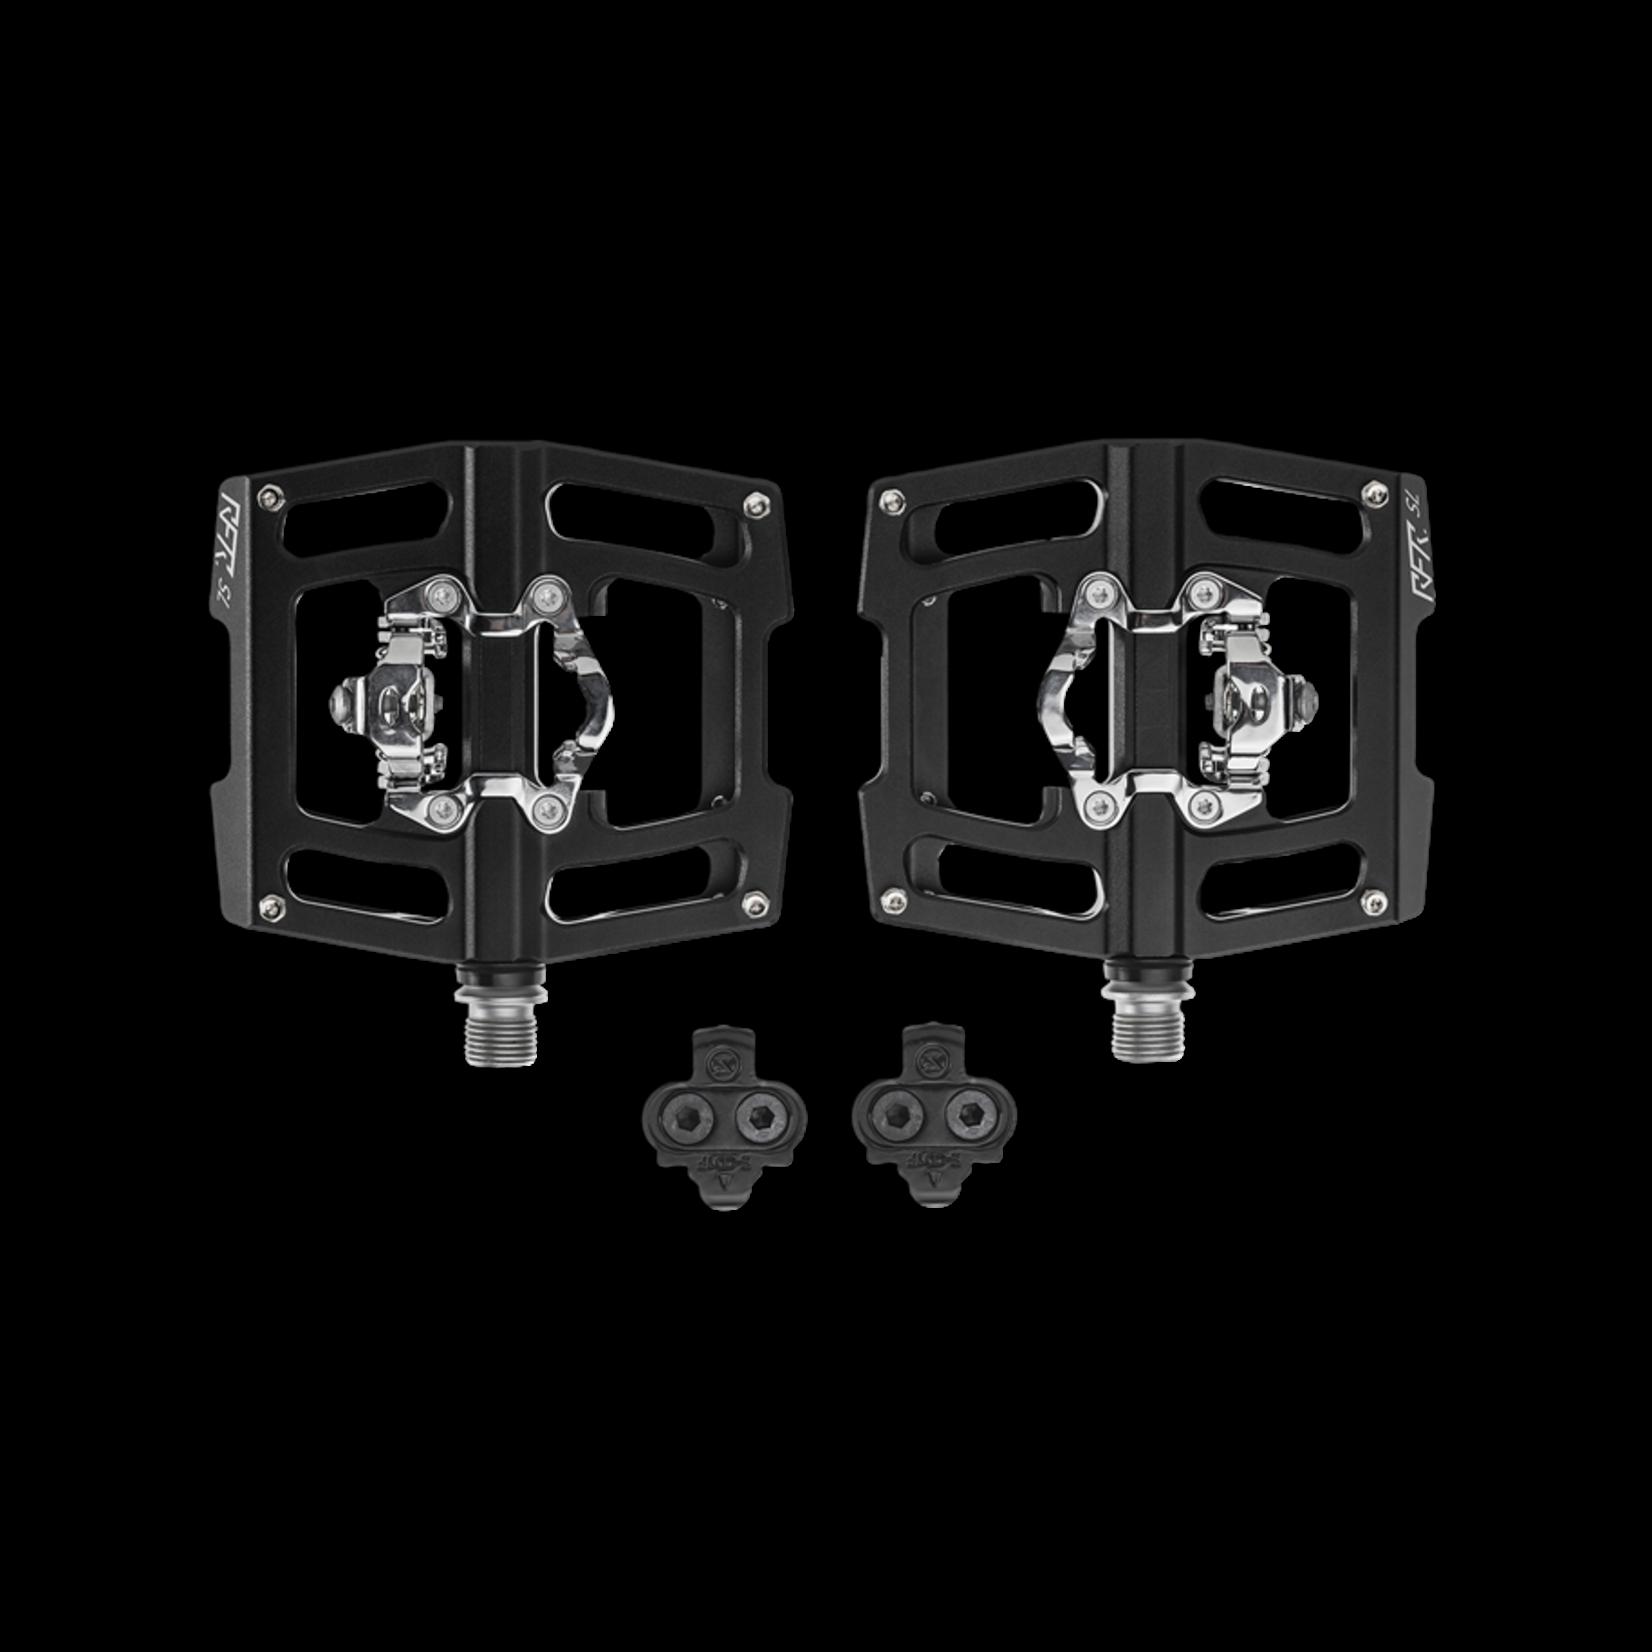 CUBE RFR Pedali Flat & Click SL - black